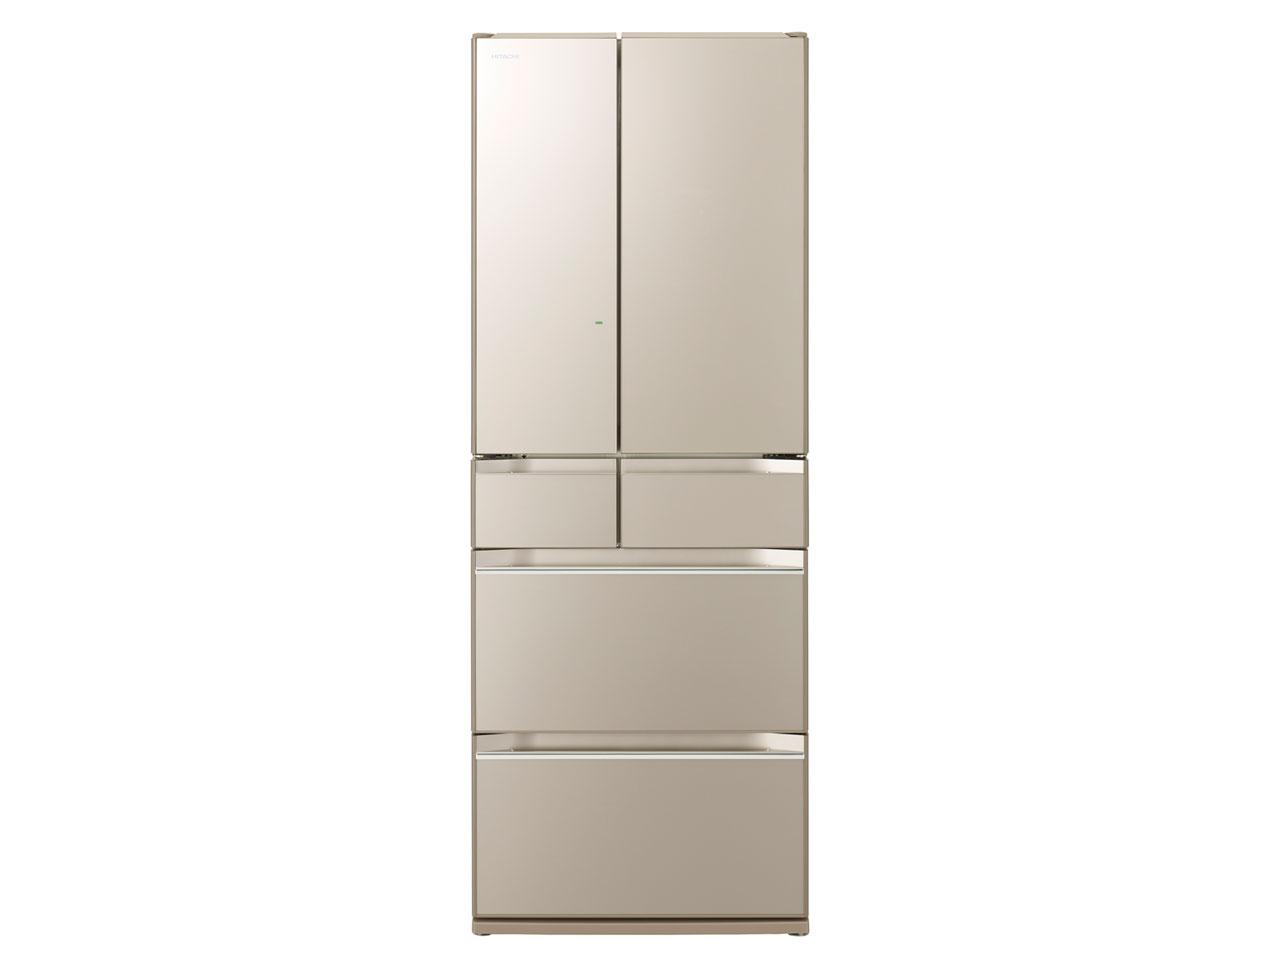 【基本設置無料】日立 WXシリーズ 567L 6ドア冷蔵庫 R-KW57K-XN 創業74年、初期不良対応